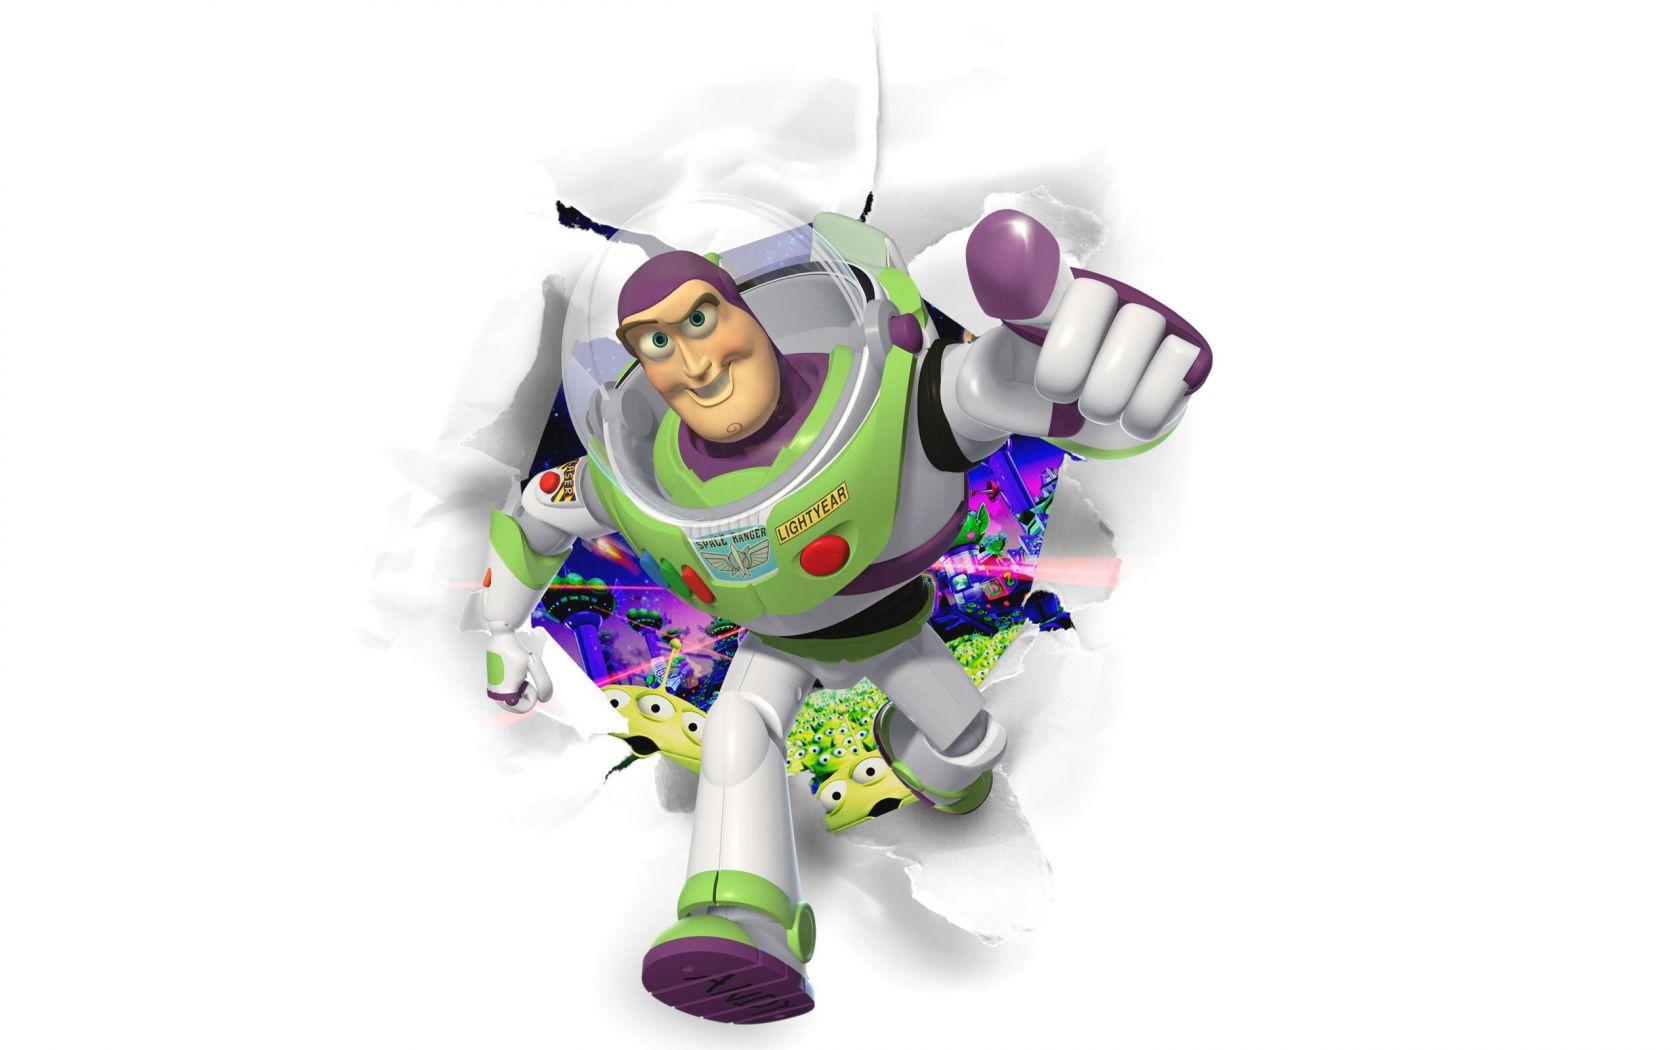 Buzz Lightyear Running Through White Background Wallpaper 1680x1050